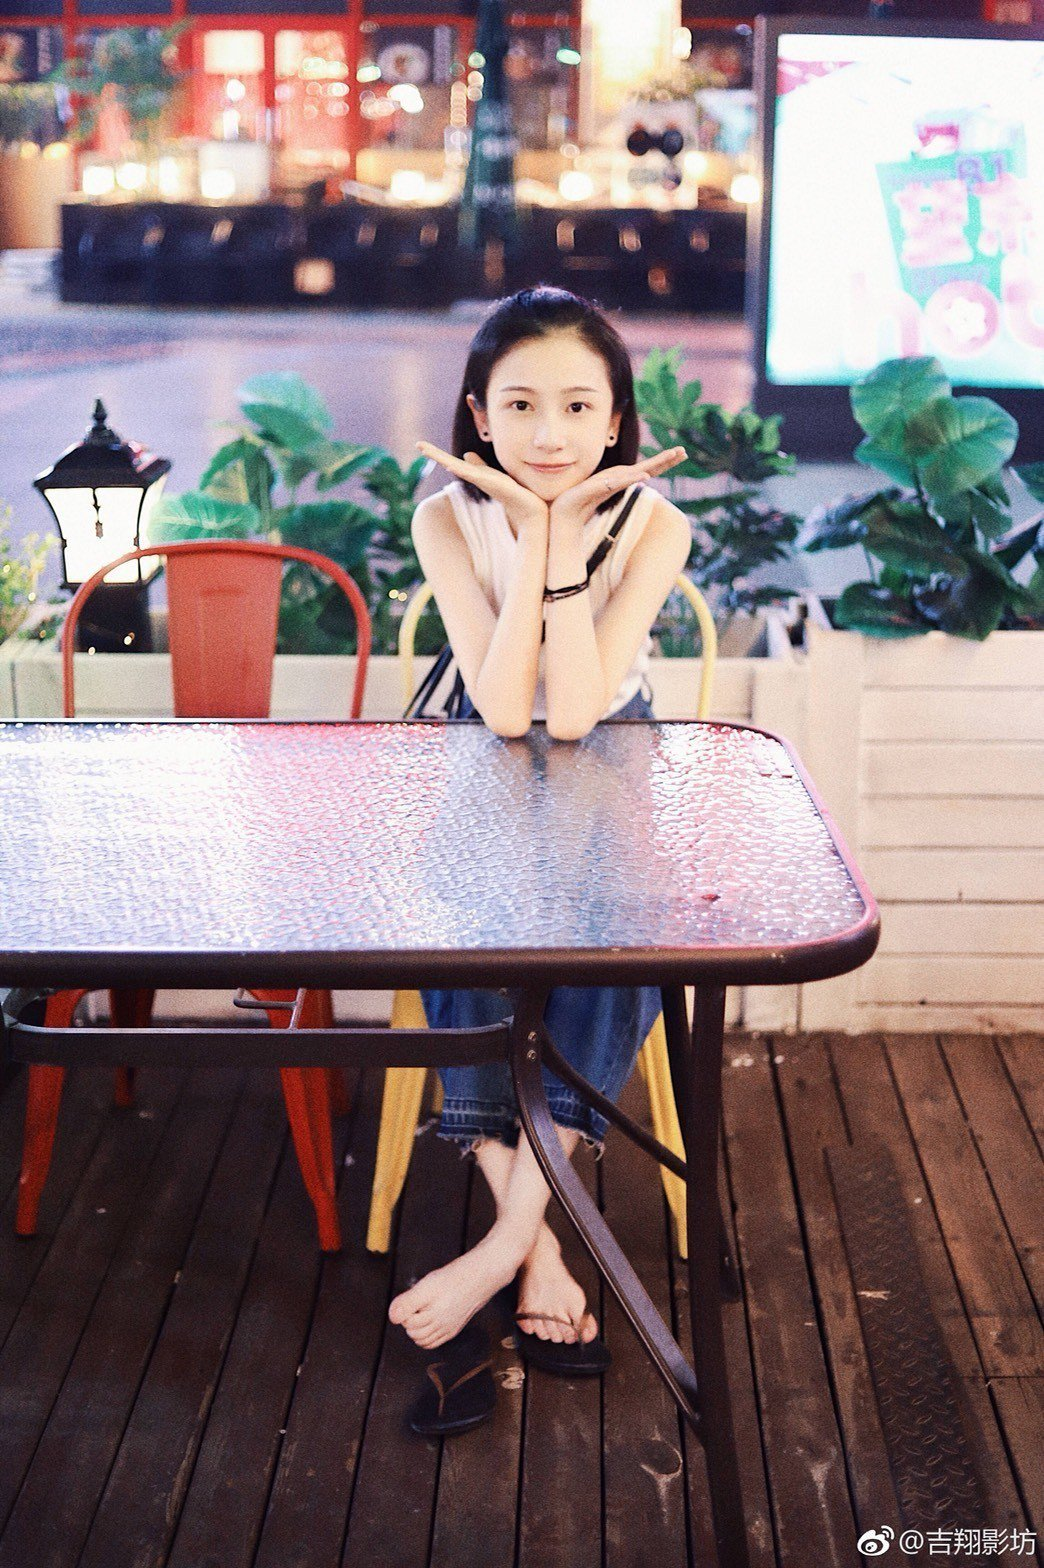 「延禧攻略」飾演明玉一角的姜梓新,時裝造型相當清秀。圖/摘自微博